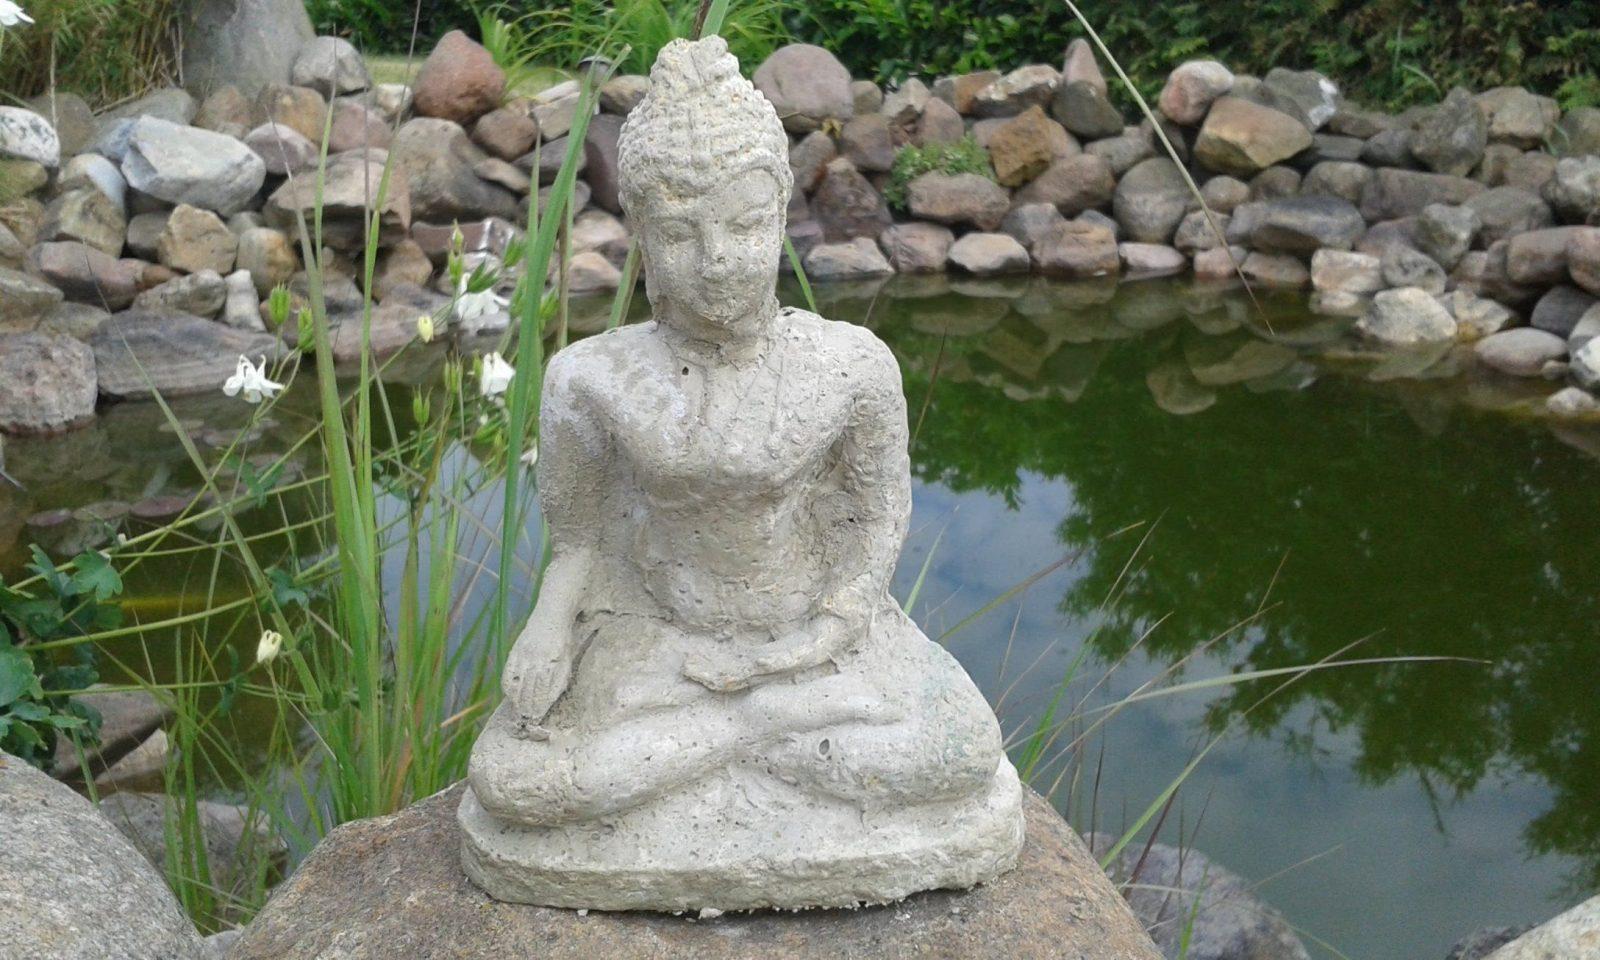 Diy Beton Figur Gießen Mit Eigener Silikonform  Stein Deko von Skulpturen Für Den Garten Selber Machen Bild